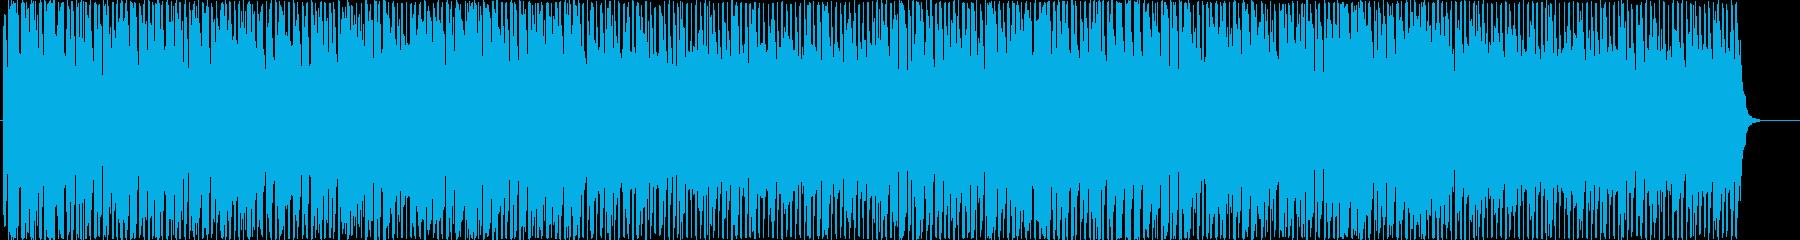 テーマパーク感あるシンセリード曲の再生済みの波形